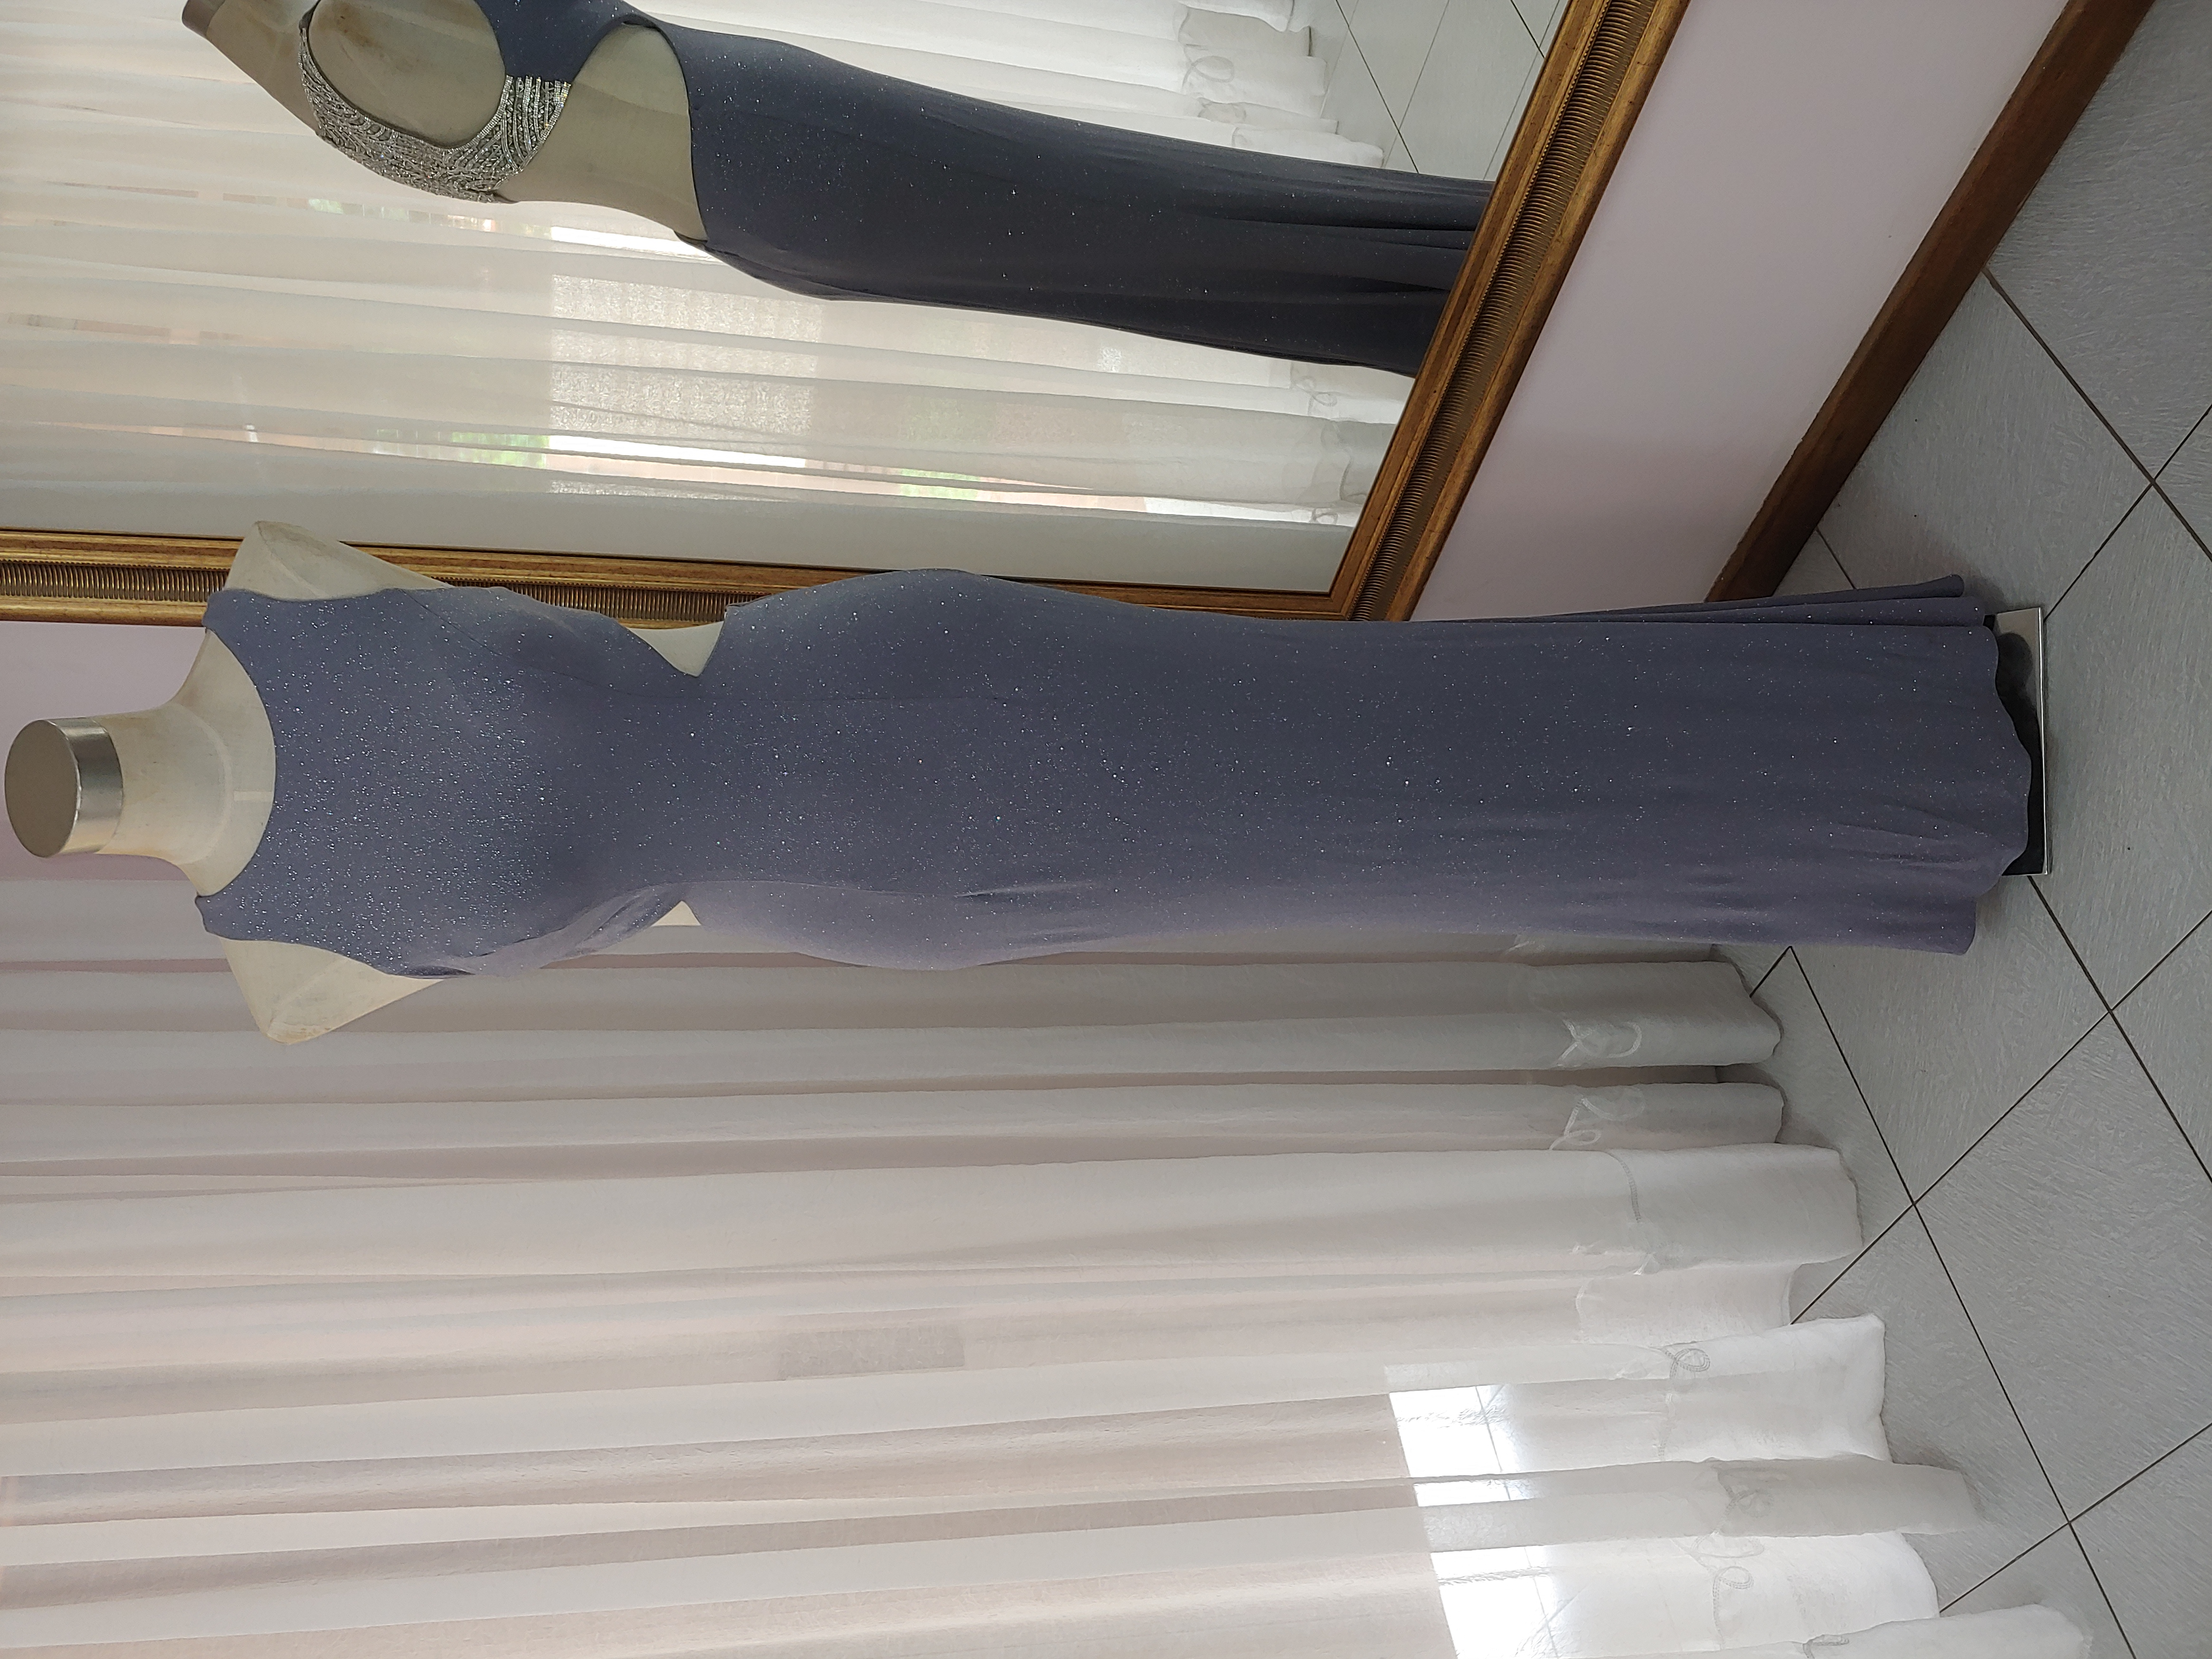 md115908-matric-farewelldance-dresses--matriekafskeidrokke-